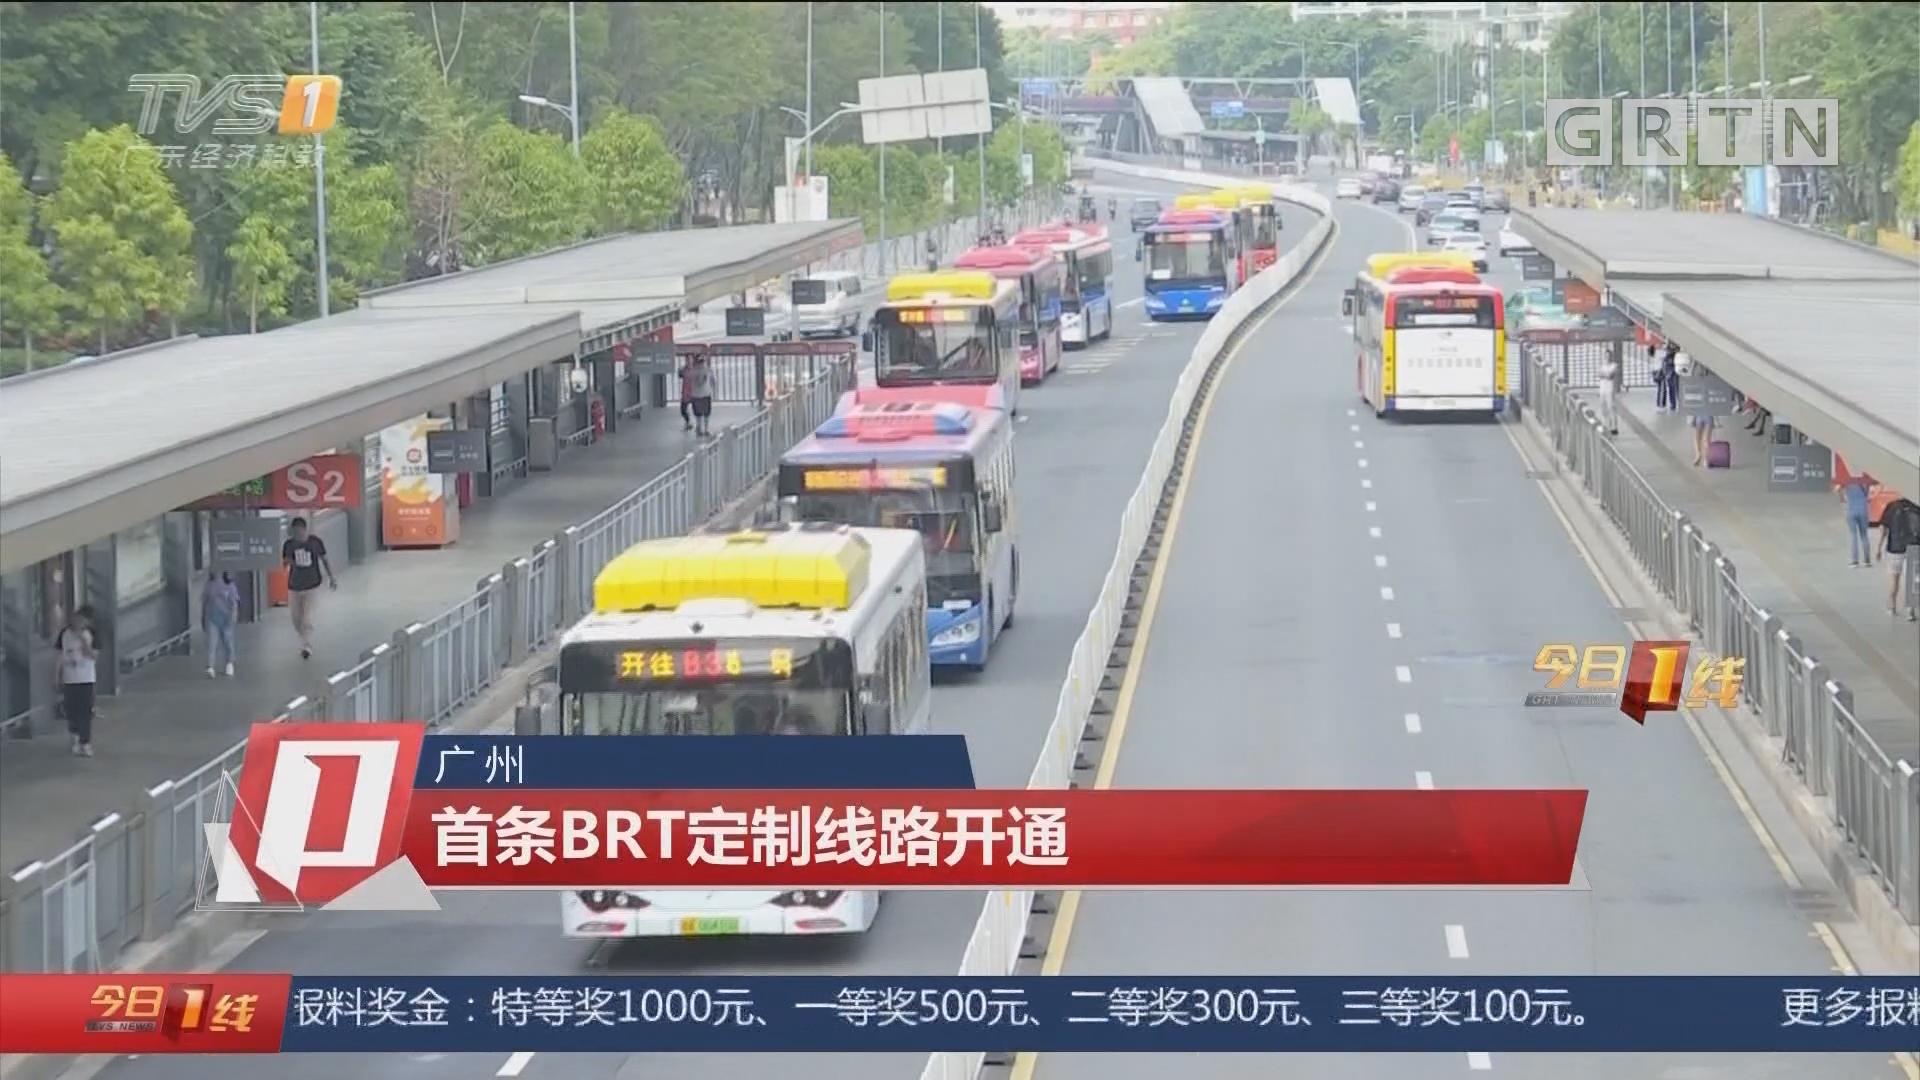 广州 首条BRT定制线路开通